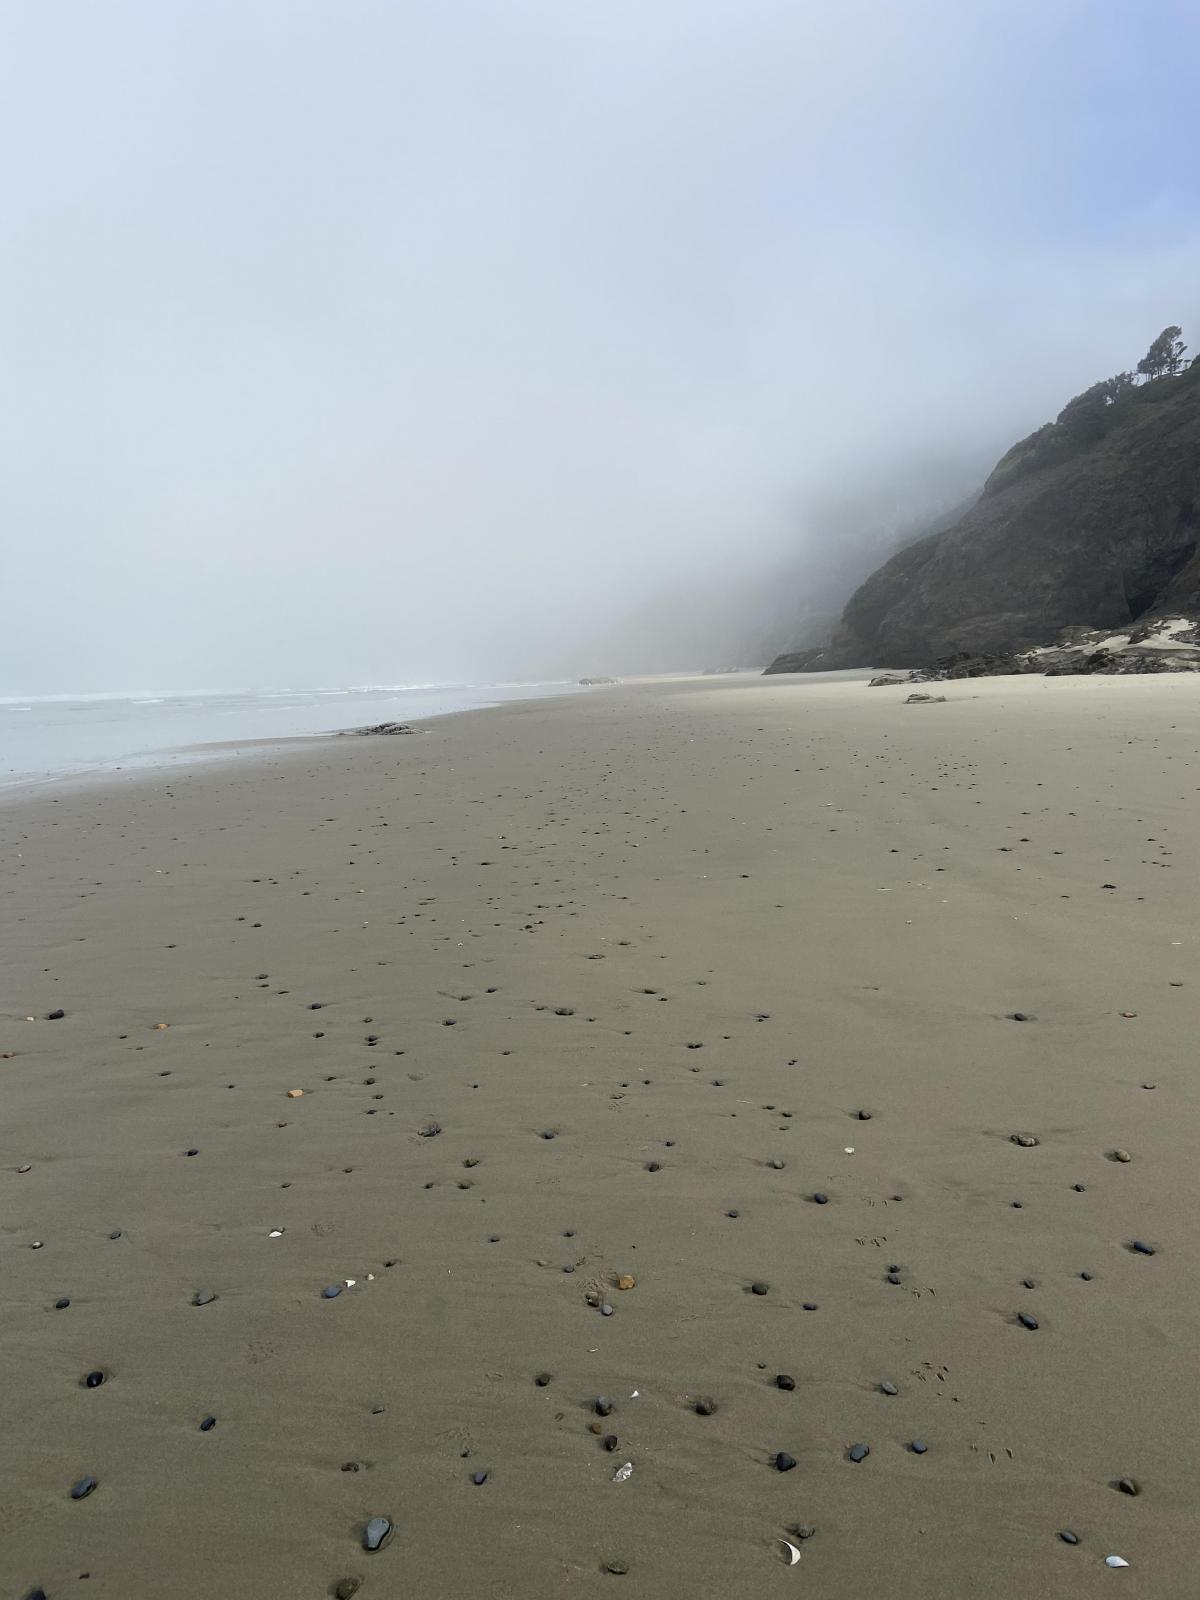 A foggy day on Ocean Beach